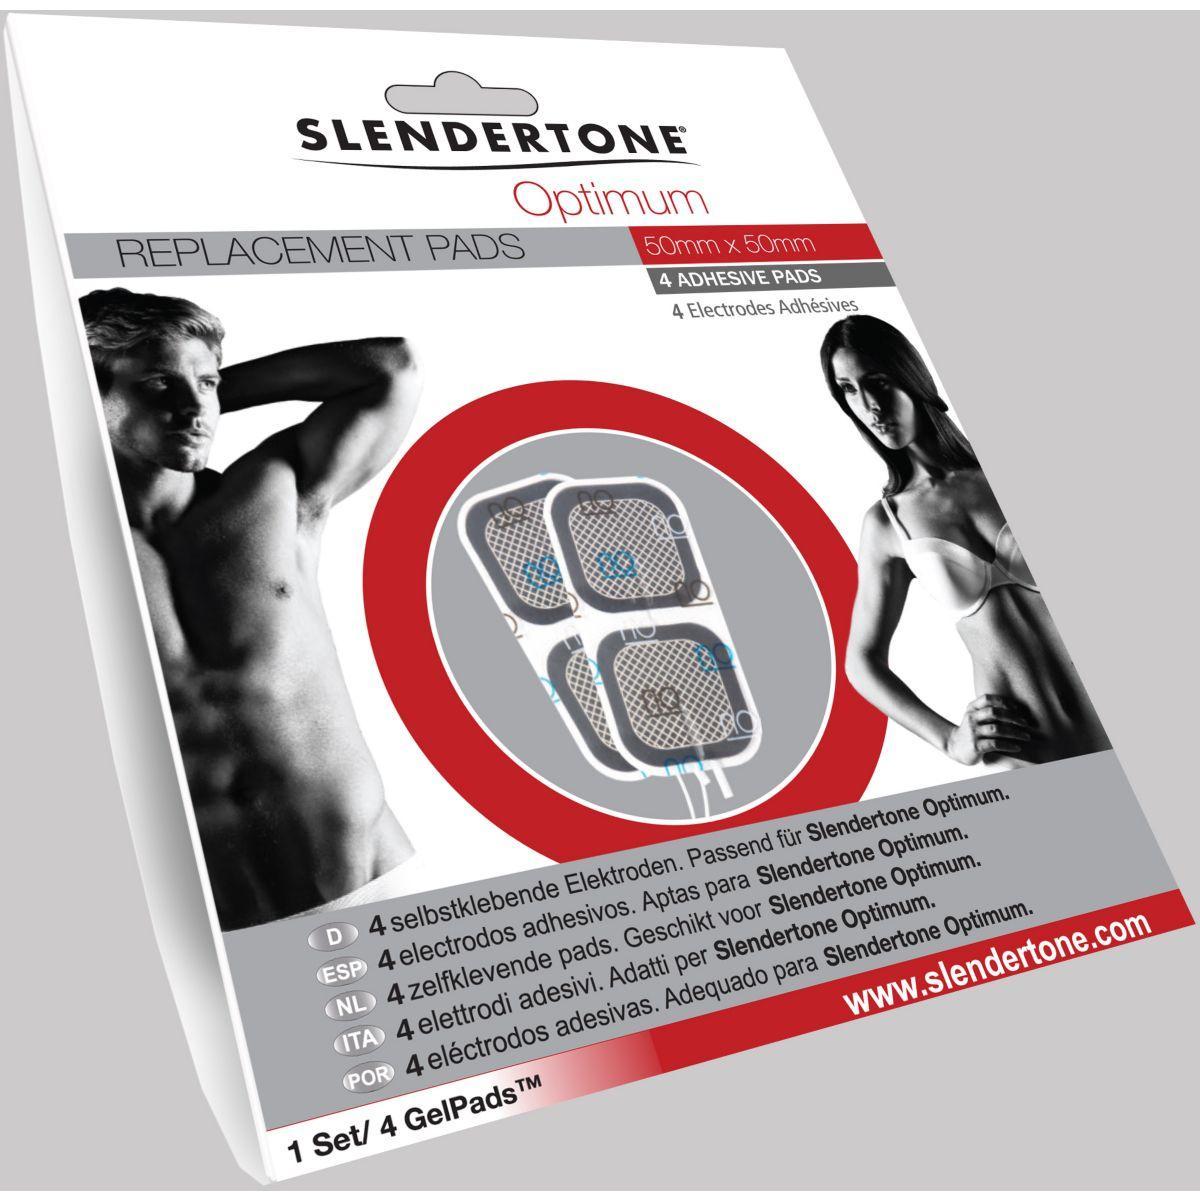 Electro-stimulation slendertone electrodes optimum 50x50